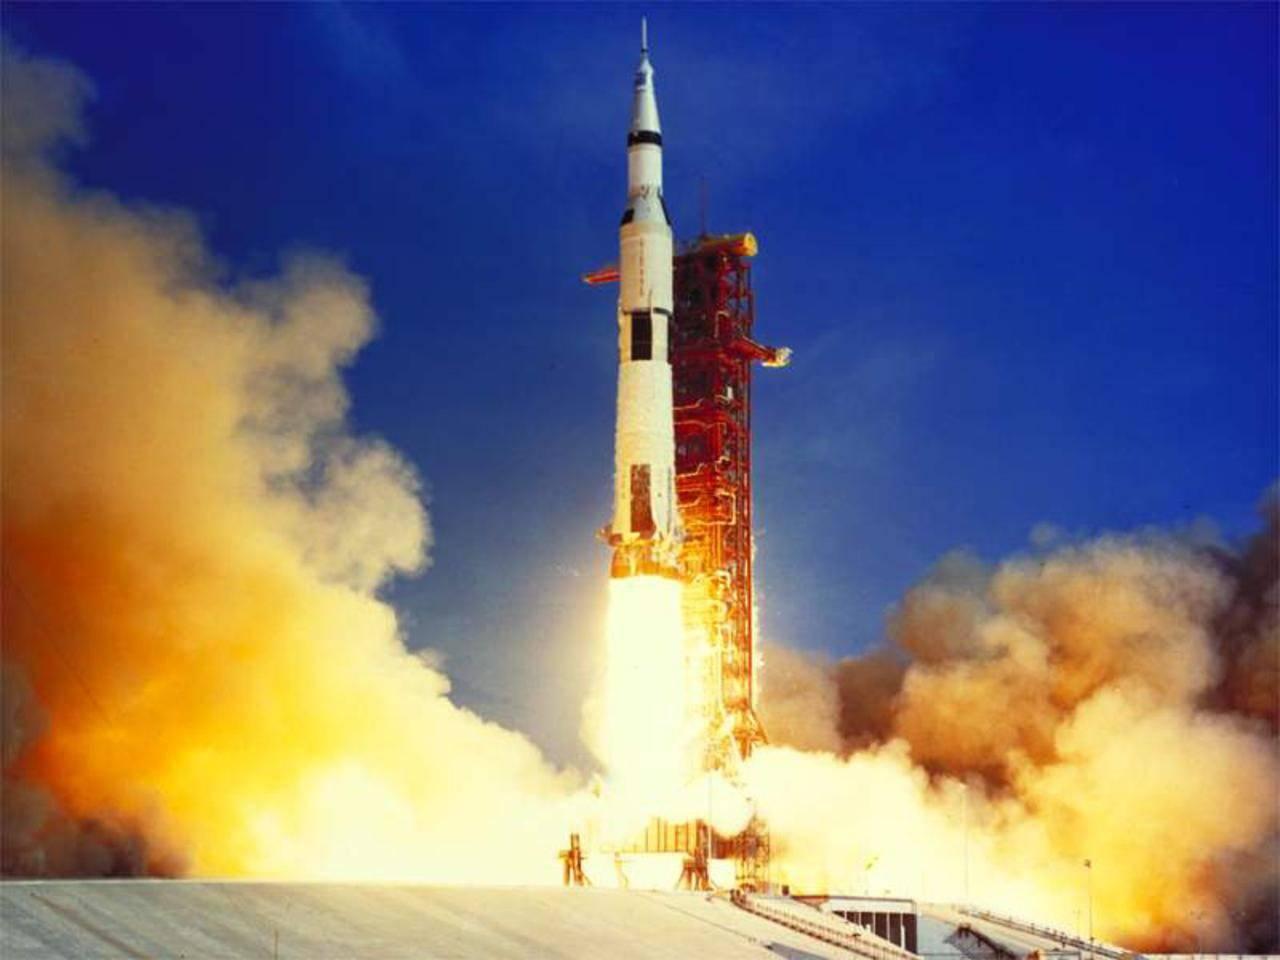 Misja Apollo 11 - lądowanie człowieka na Księżycu 27